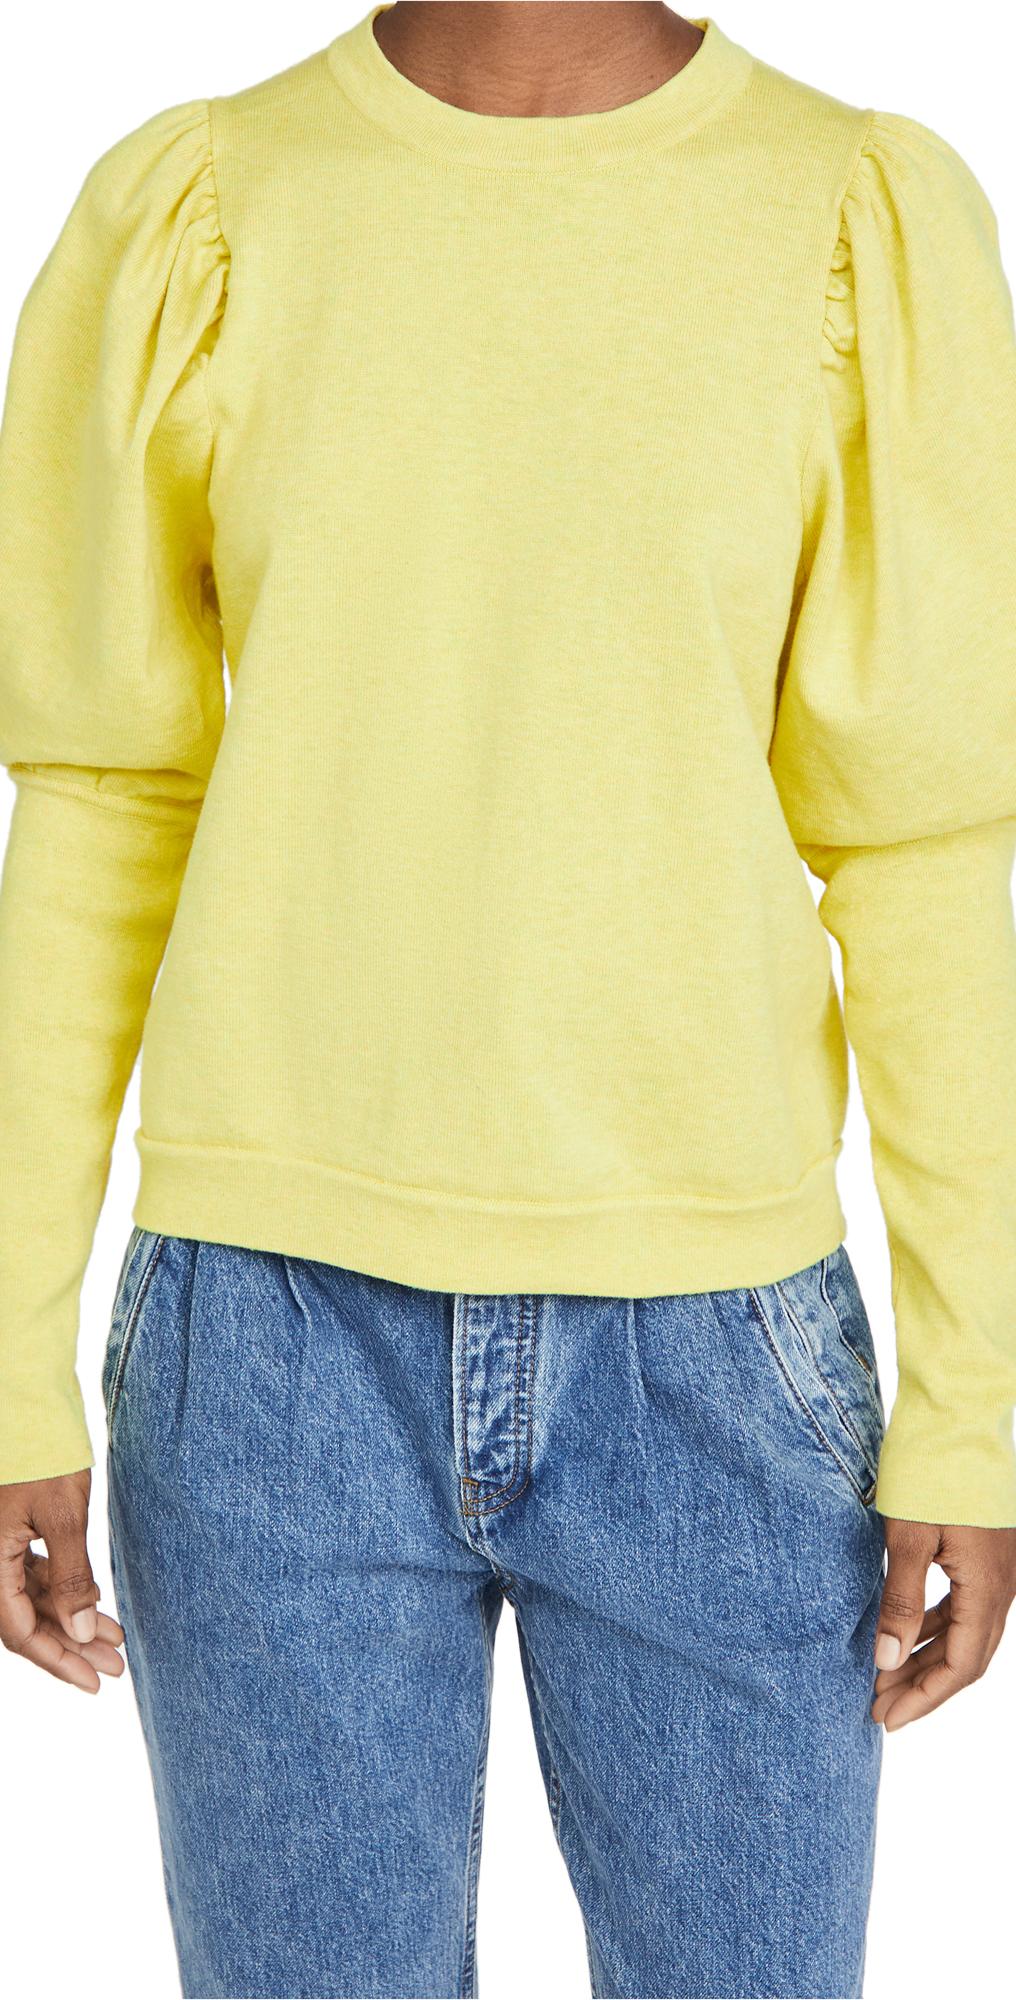 Kali Sweater